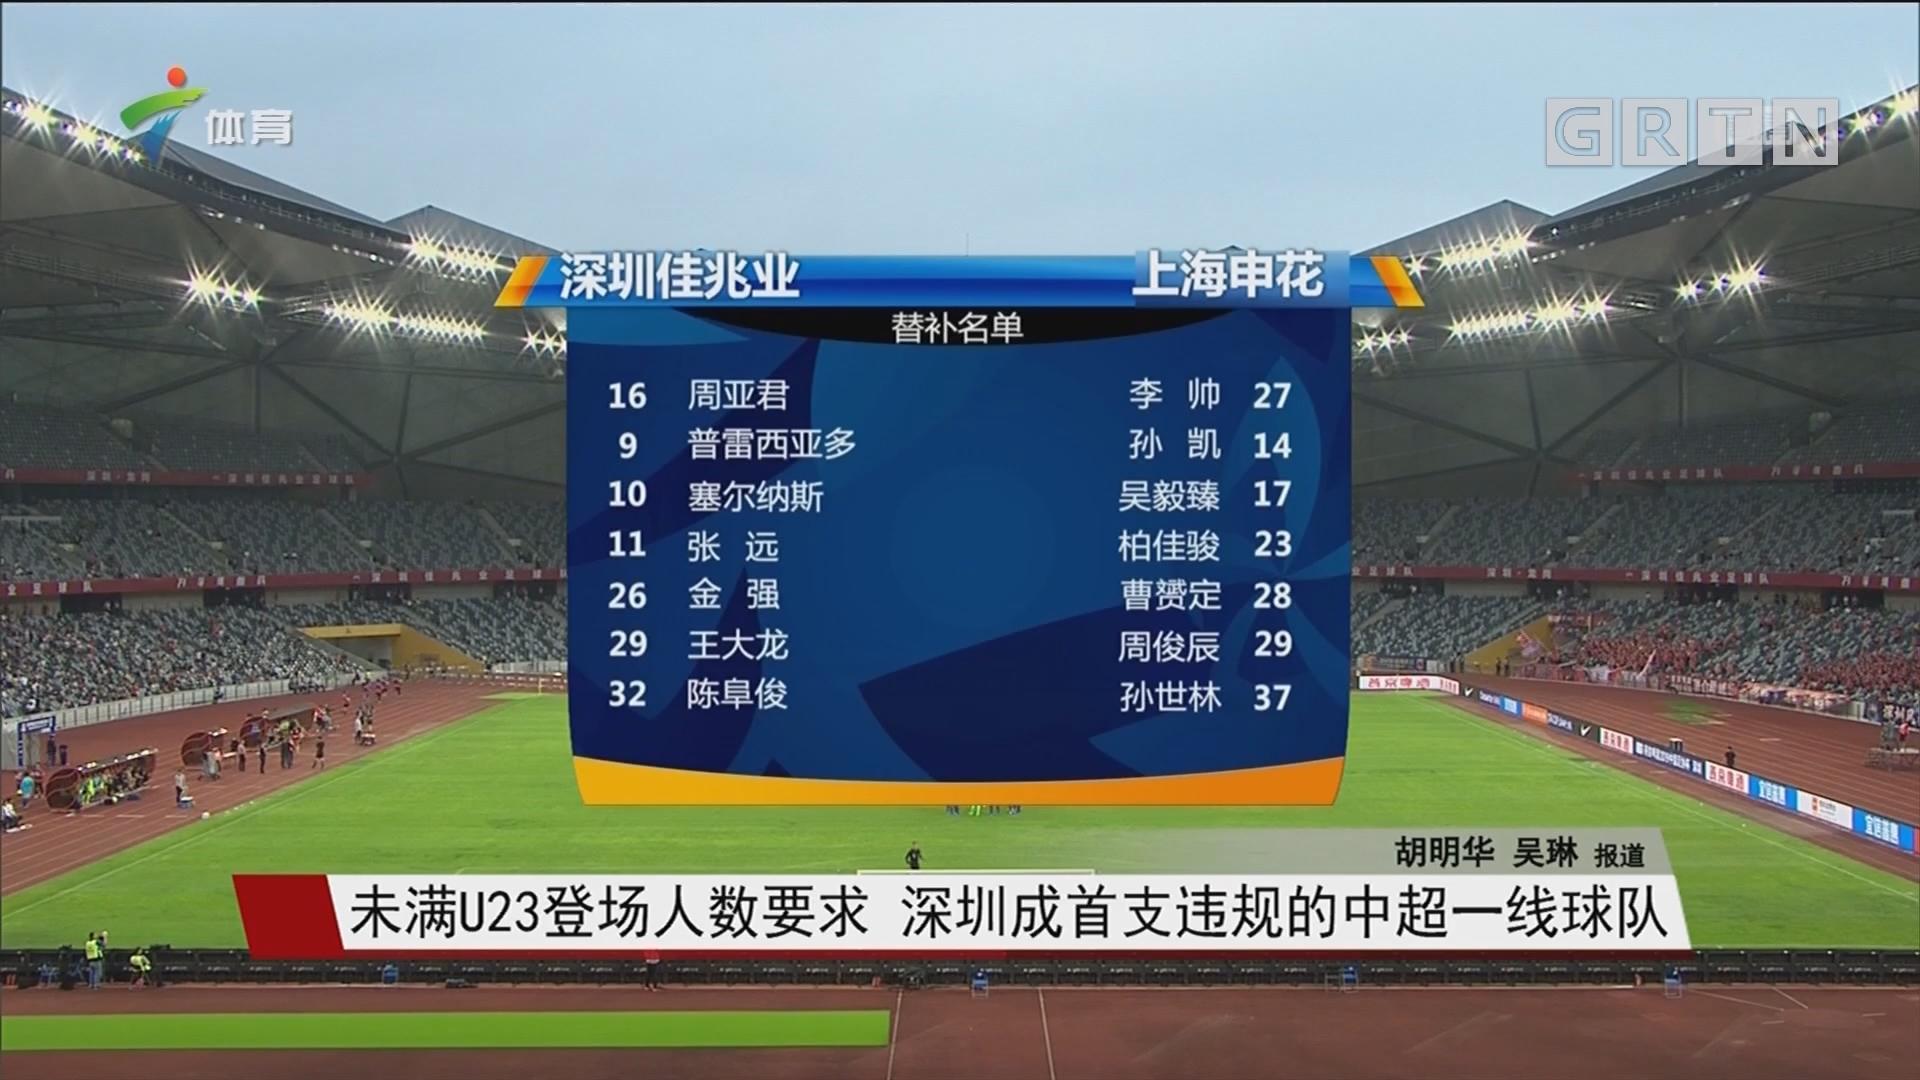 未满U23登场人数要求 深圳成首支违规的中超一线球队